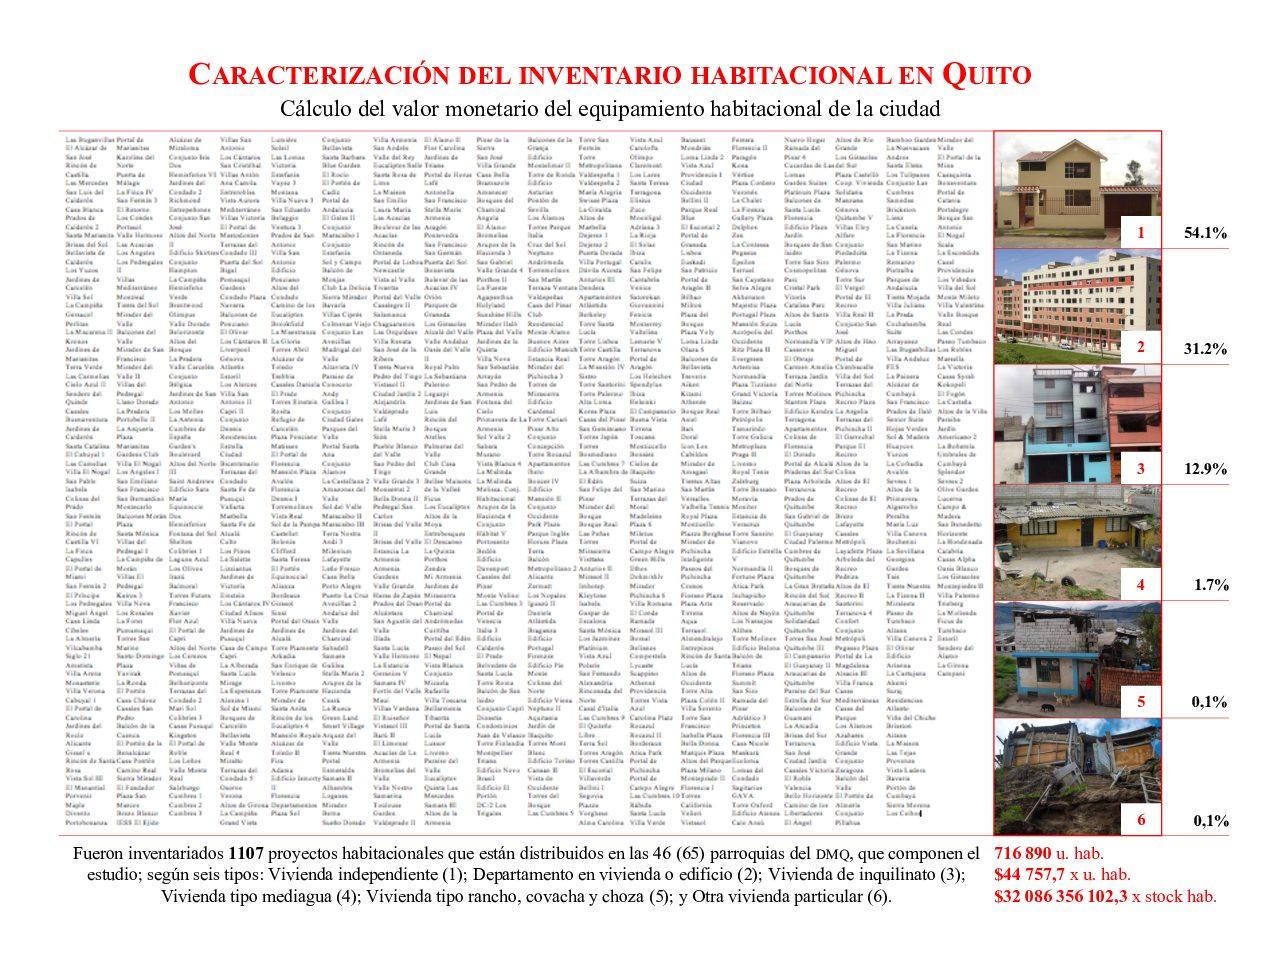 Estructuración habitacional y condiciones generales de la producción en Quito, 1534-2010